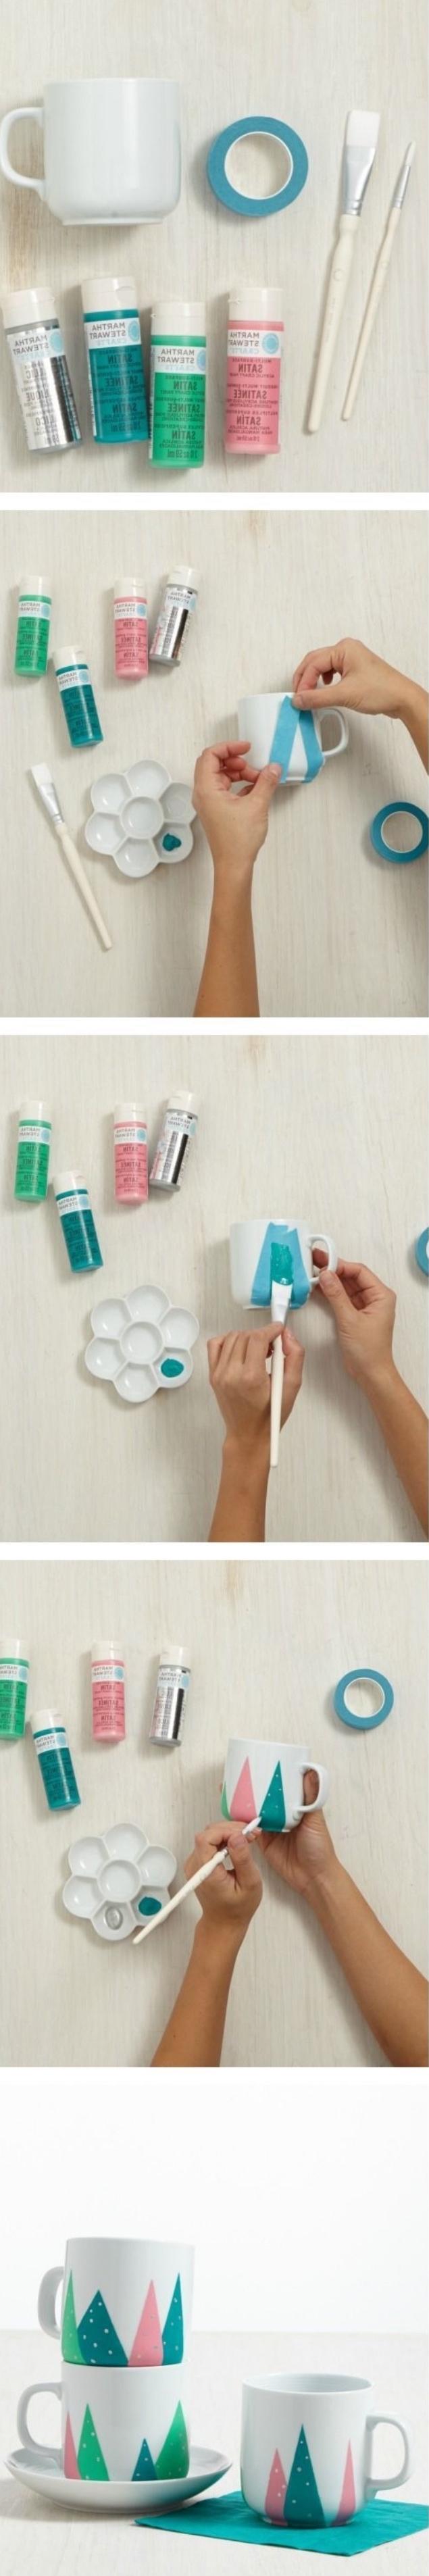 proyectos DIY bonitos paso a paso, tazas de café decoradas, manualdiades desde casa para niños y adultos en imagines